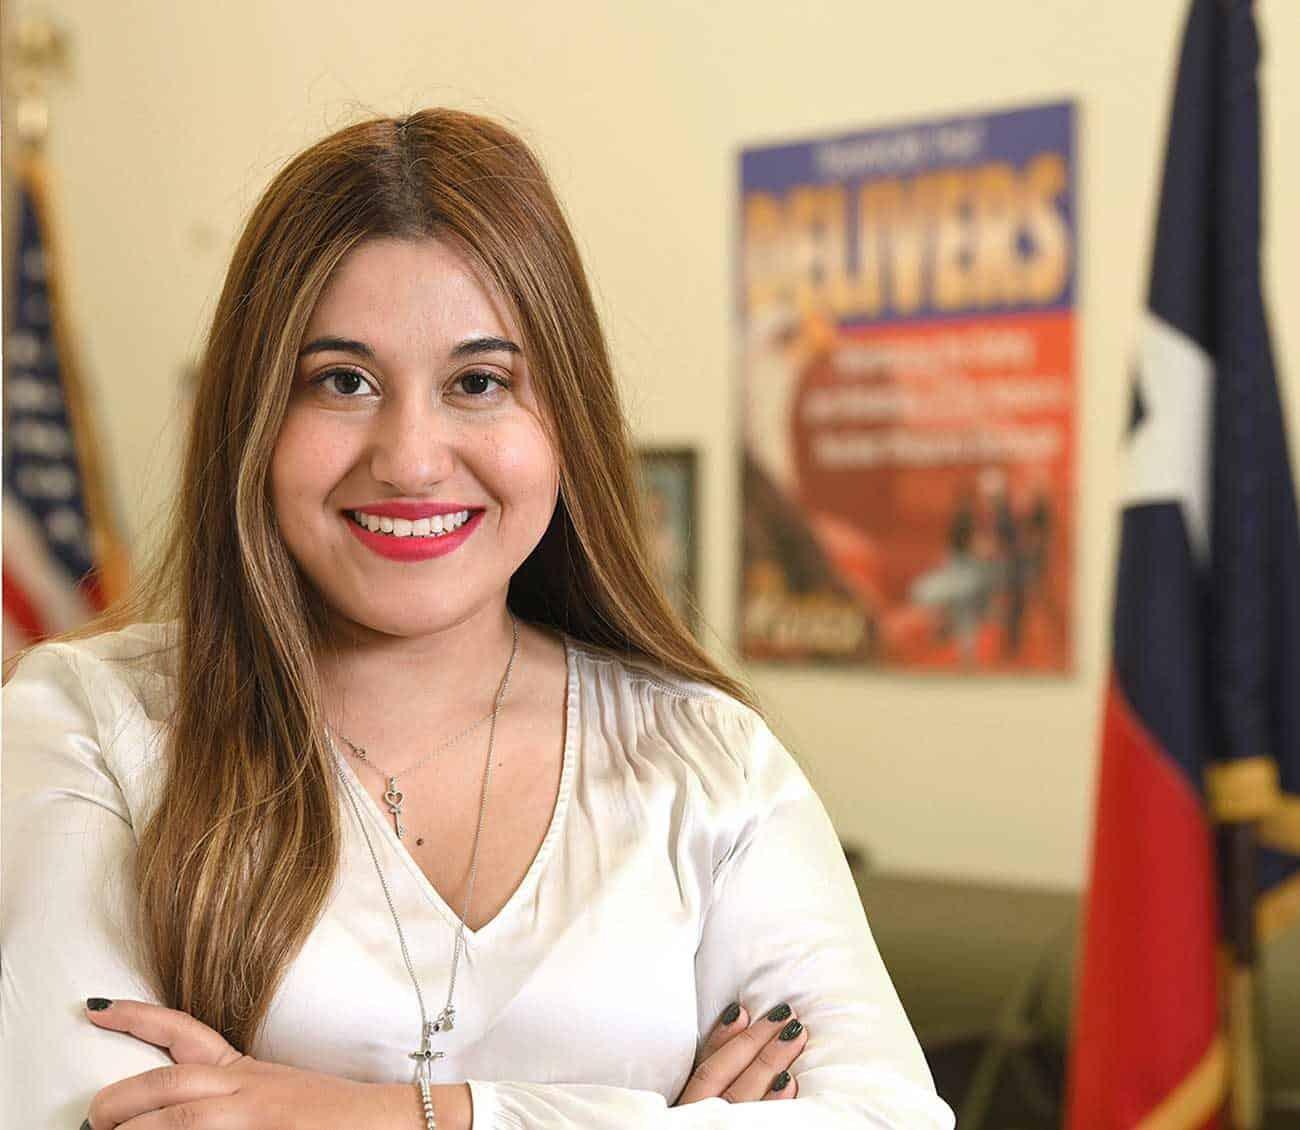 Dr. Karen Ventura